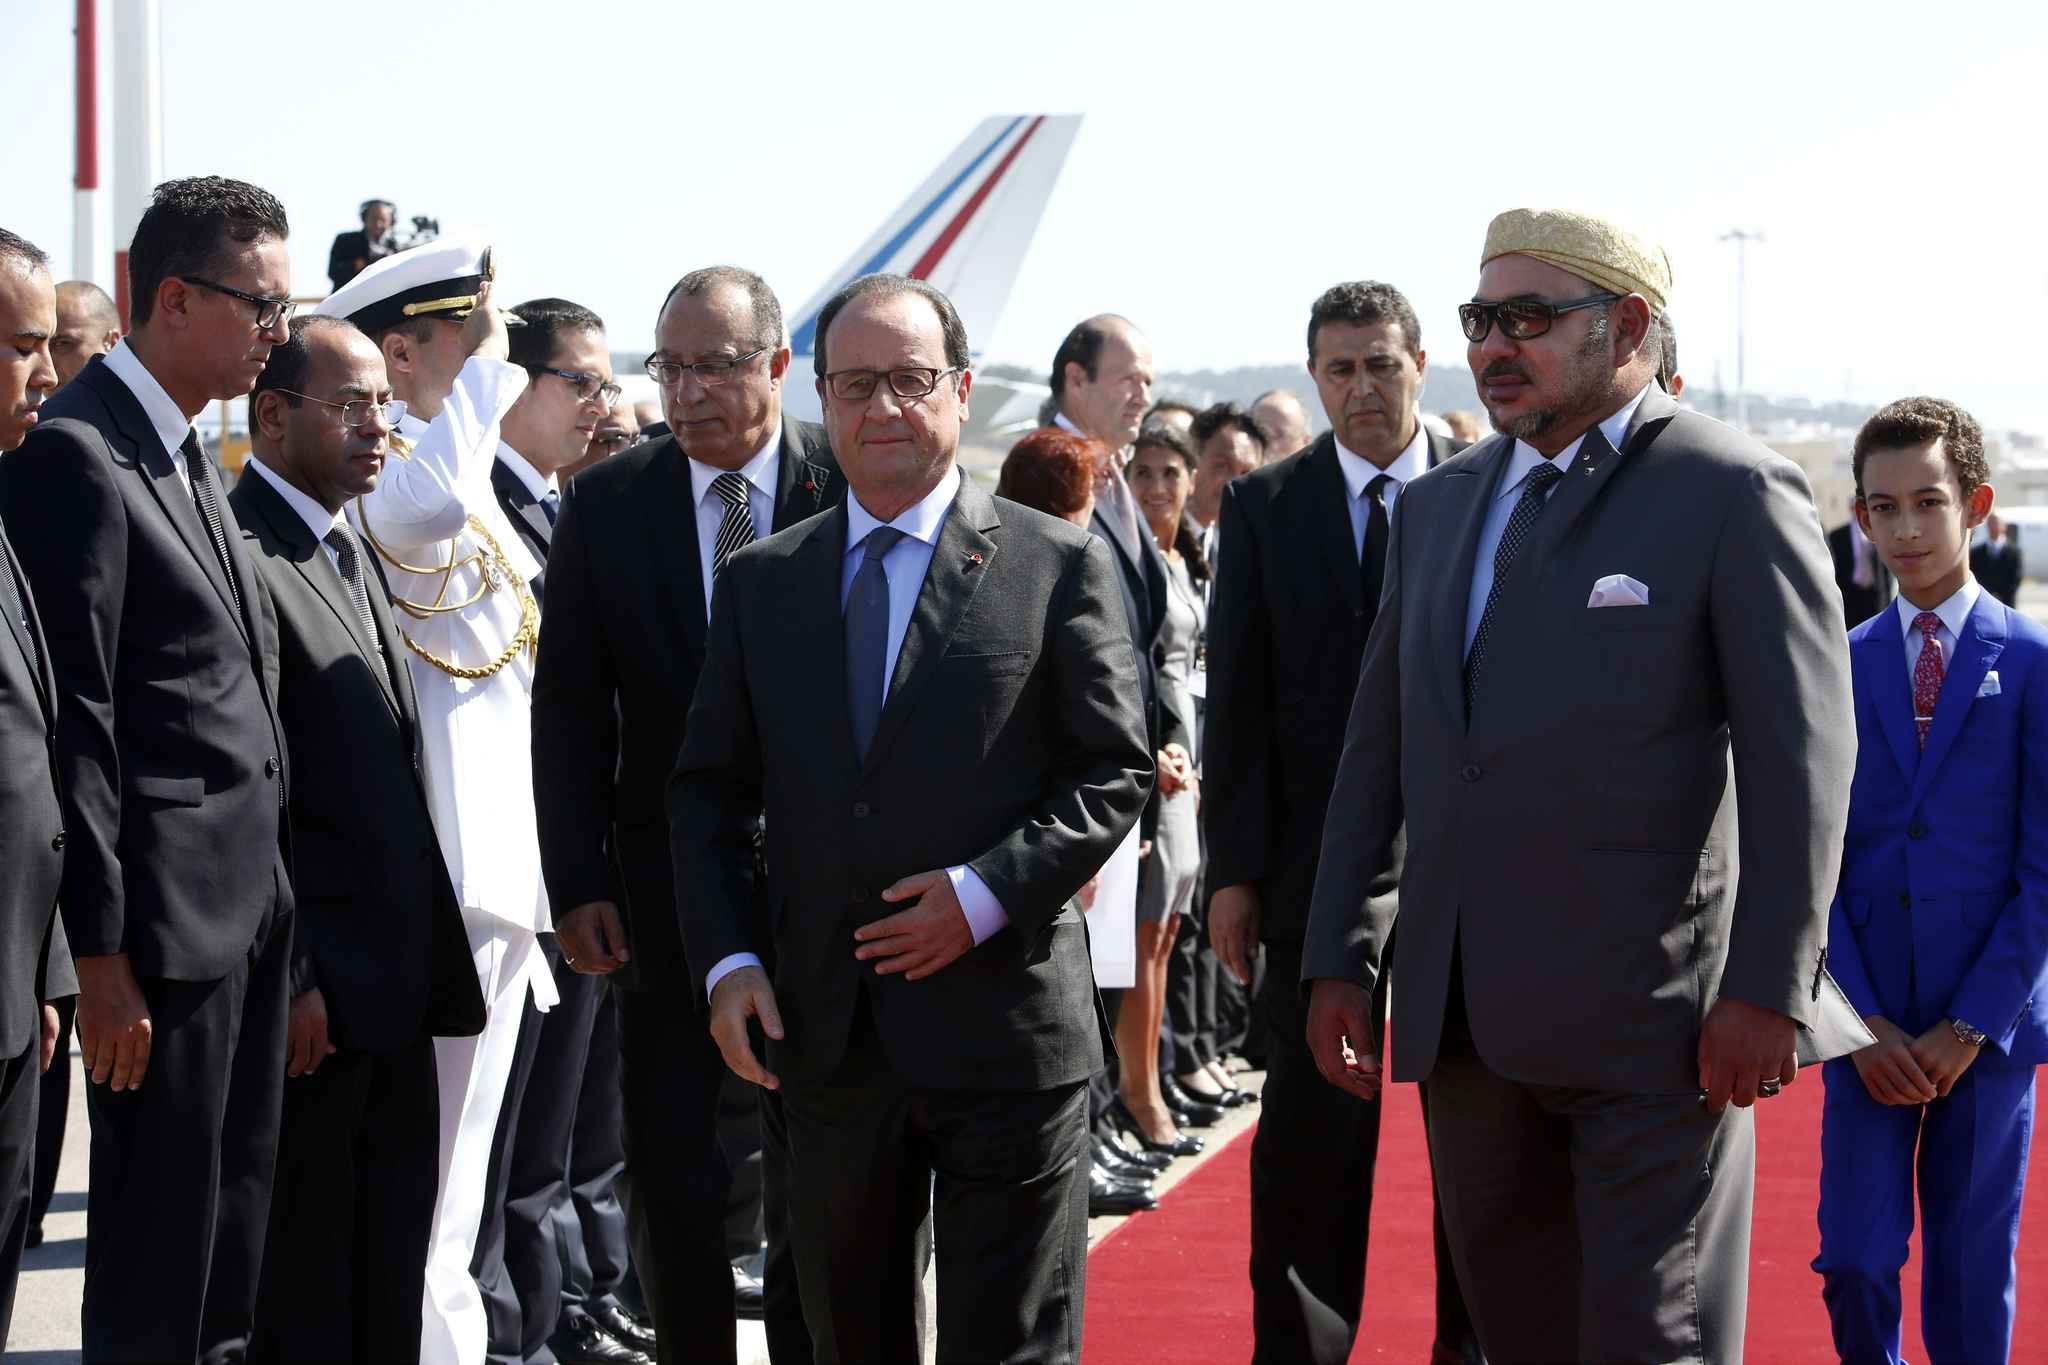 مخطط إرهابي يستهدف جريدة وشخصيات سياسية بتونس